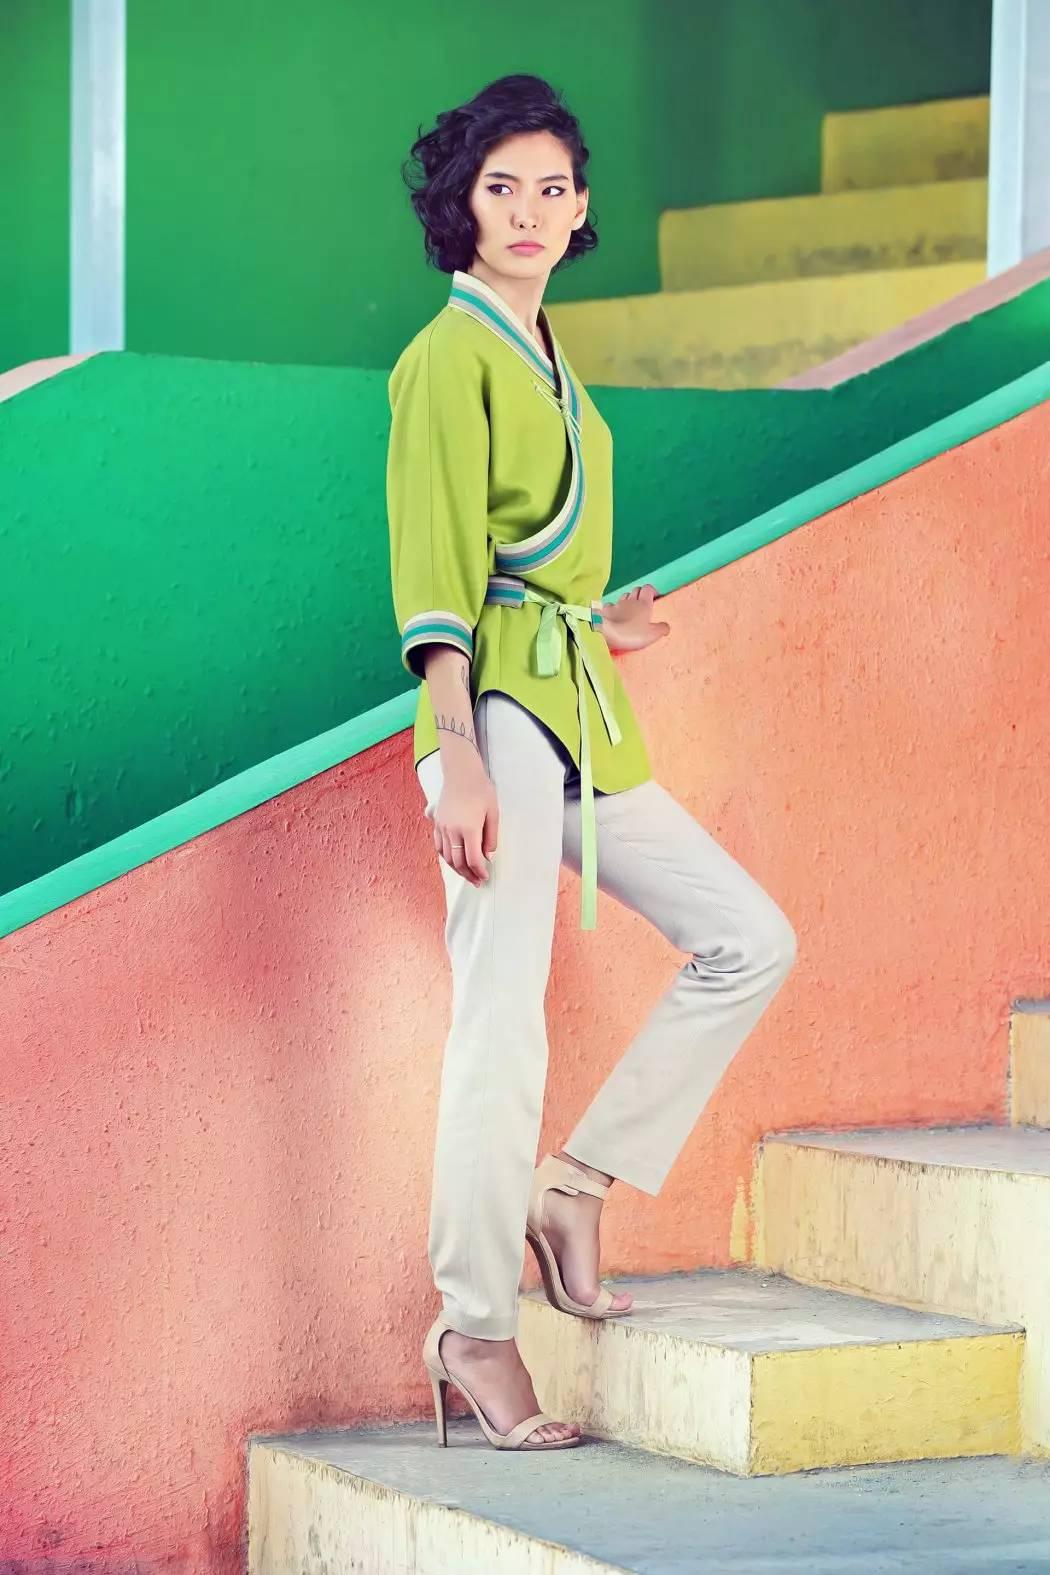 【蒙古服饰】蒙古国知名大牌GOBI 最新流行服饰展播 美呆了 第8张